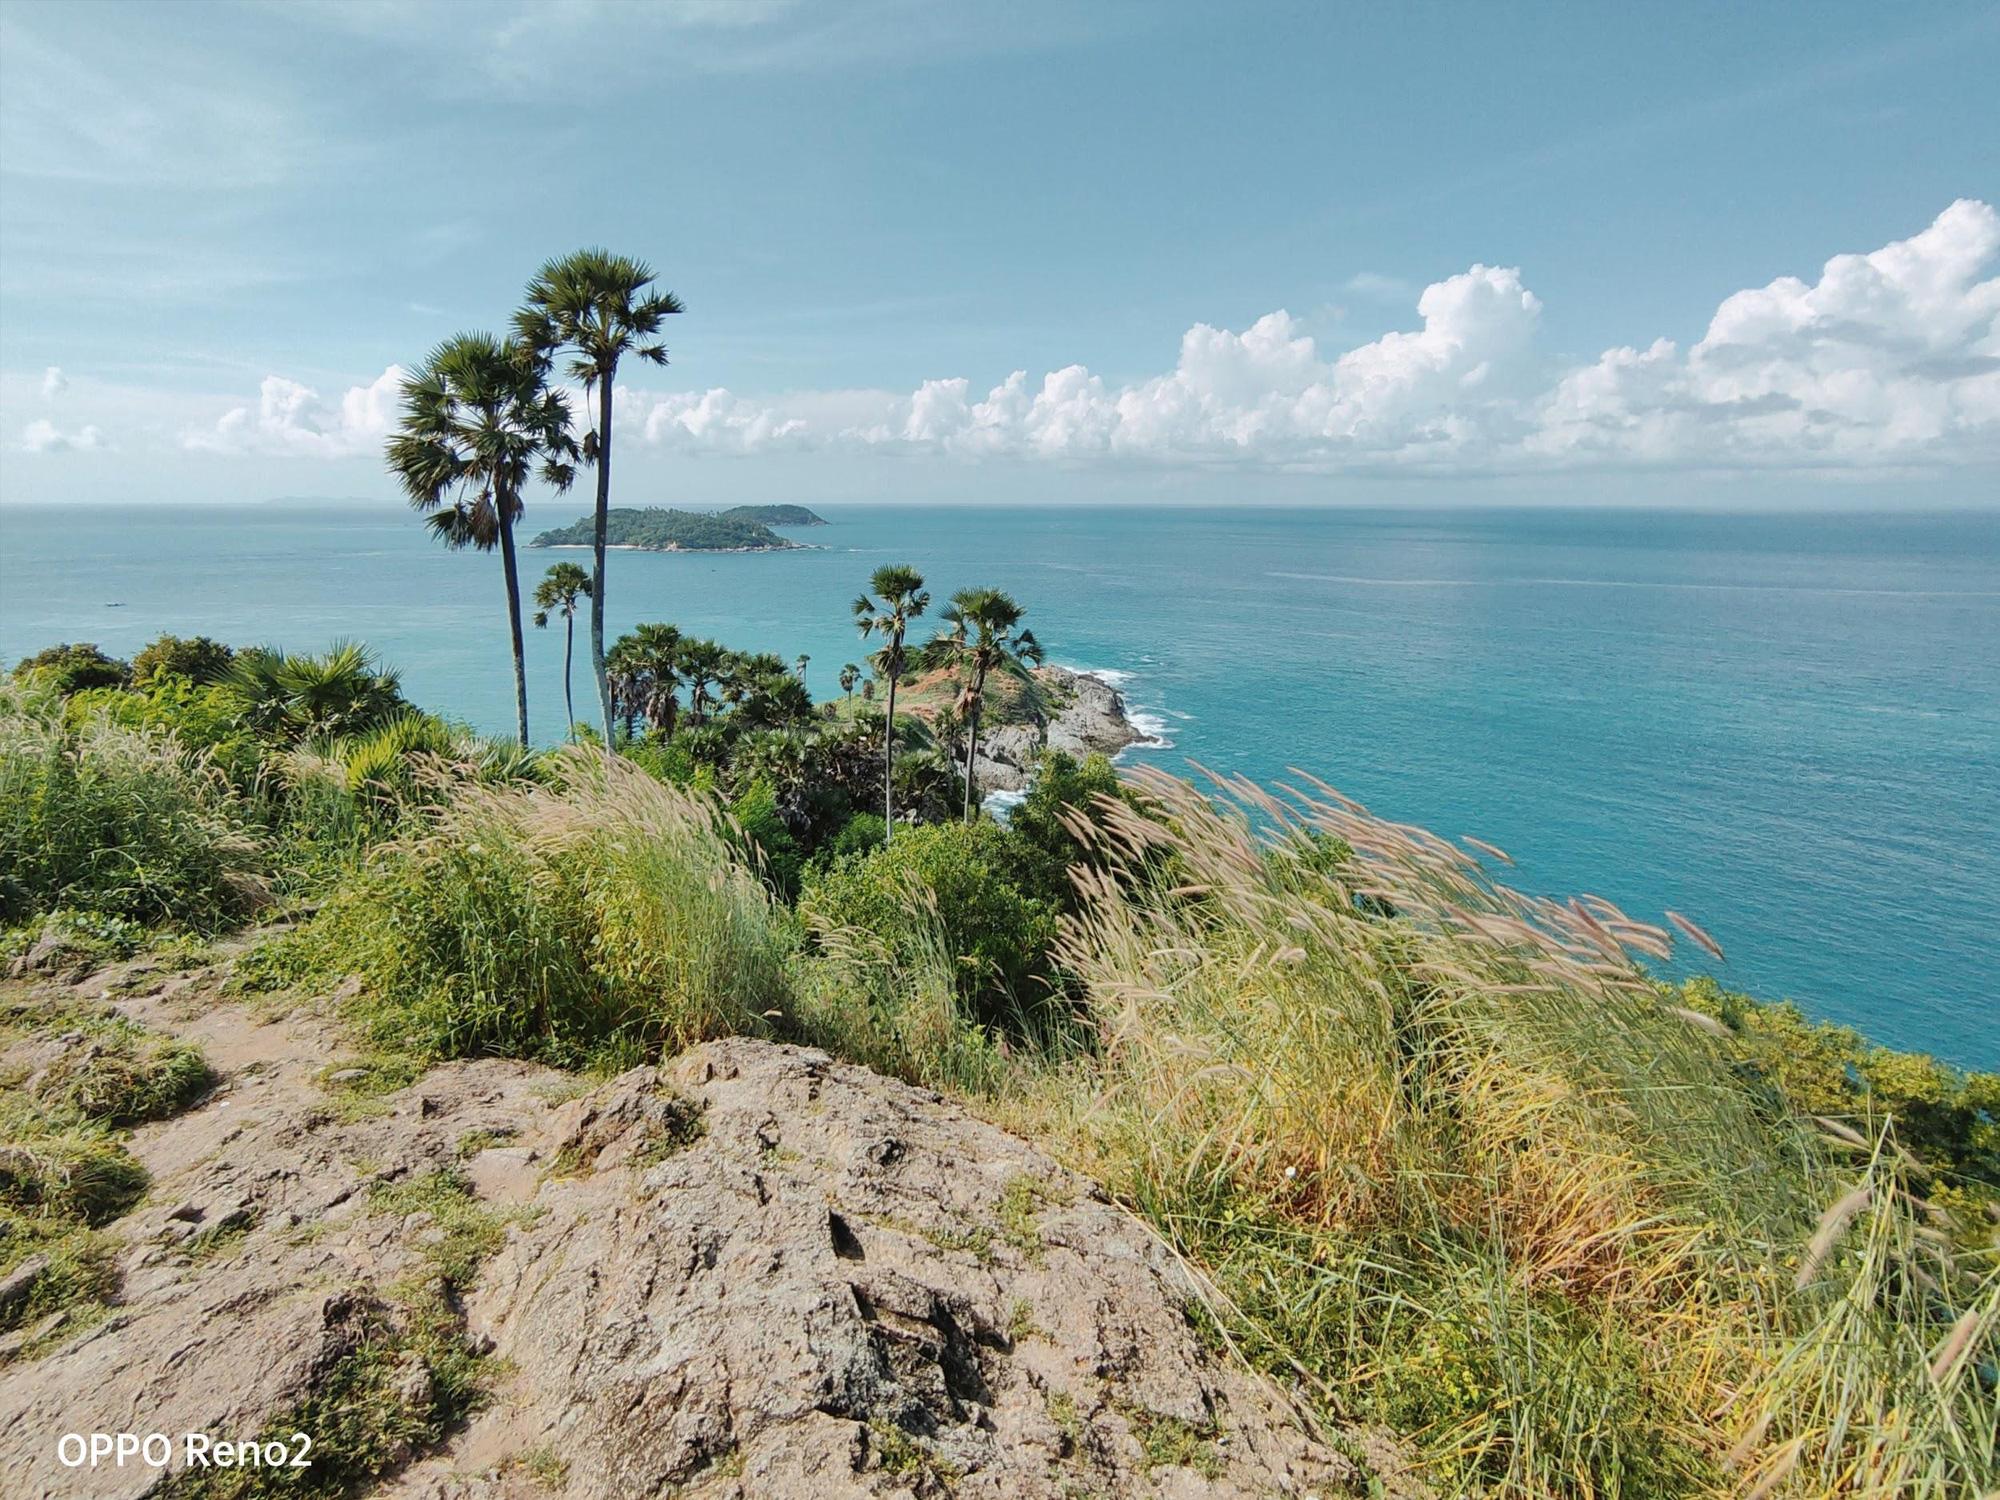 Khám phá vẻ đẹp Koh Phi Phi - Đảo ngọc thiên đường của Thái Lan - Ảnh 8.